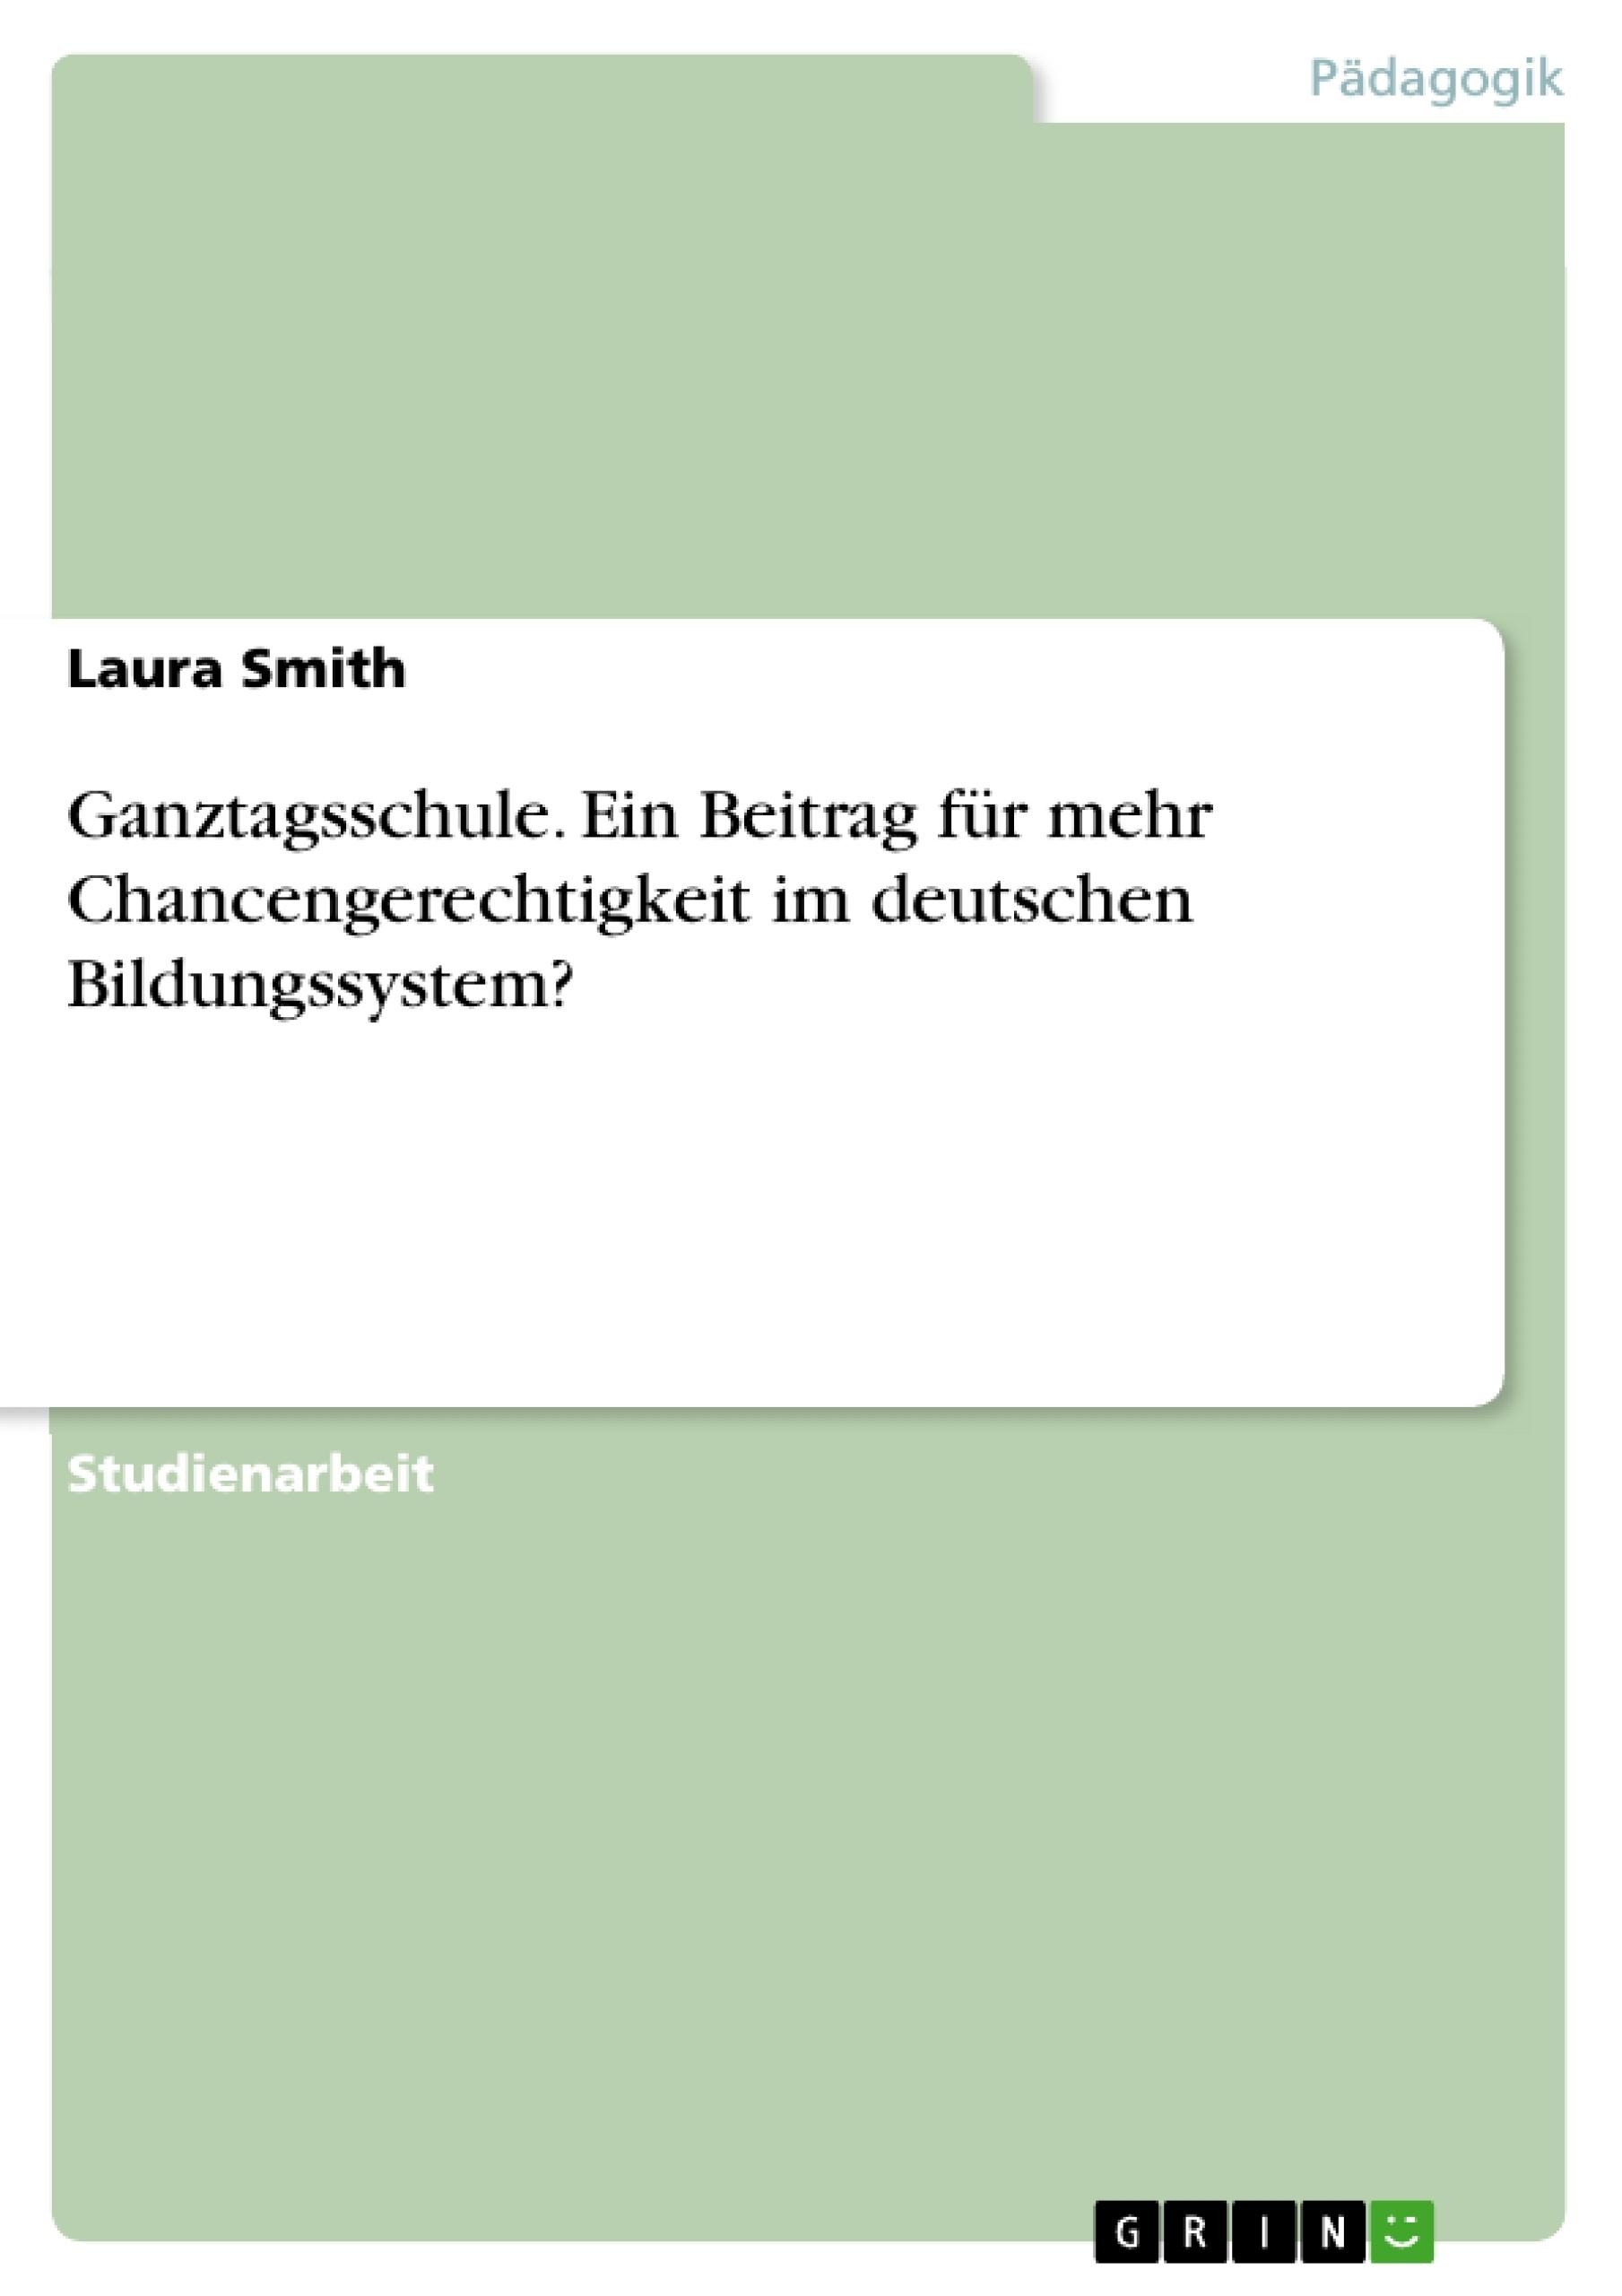 Titel: Ganztagsschule. Ein Beitrag für mehr Chancengerechtigkeit im deutschen Bildungssystem?